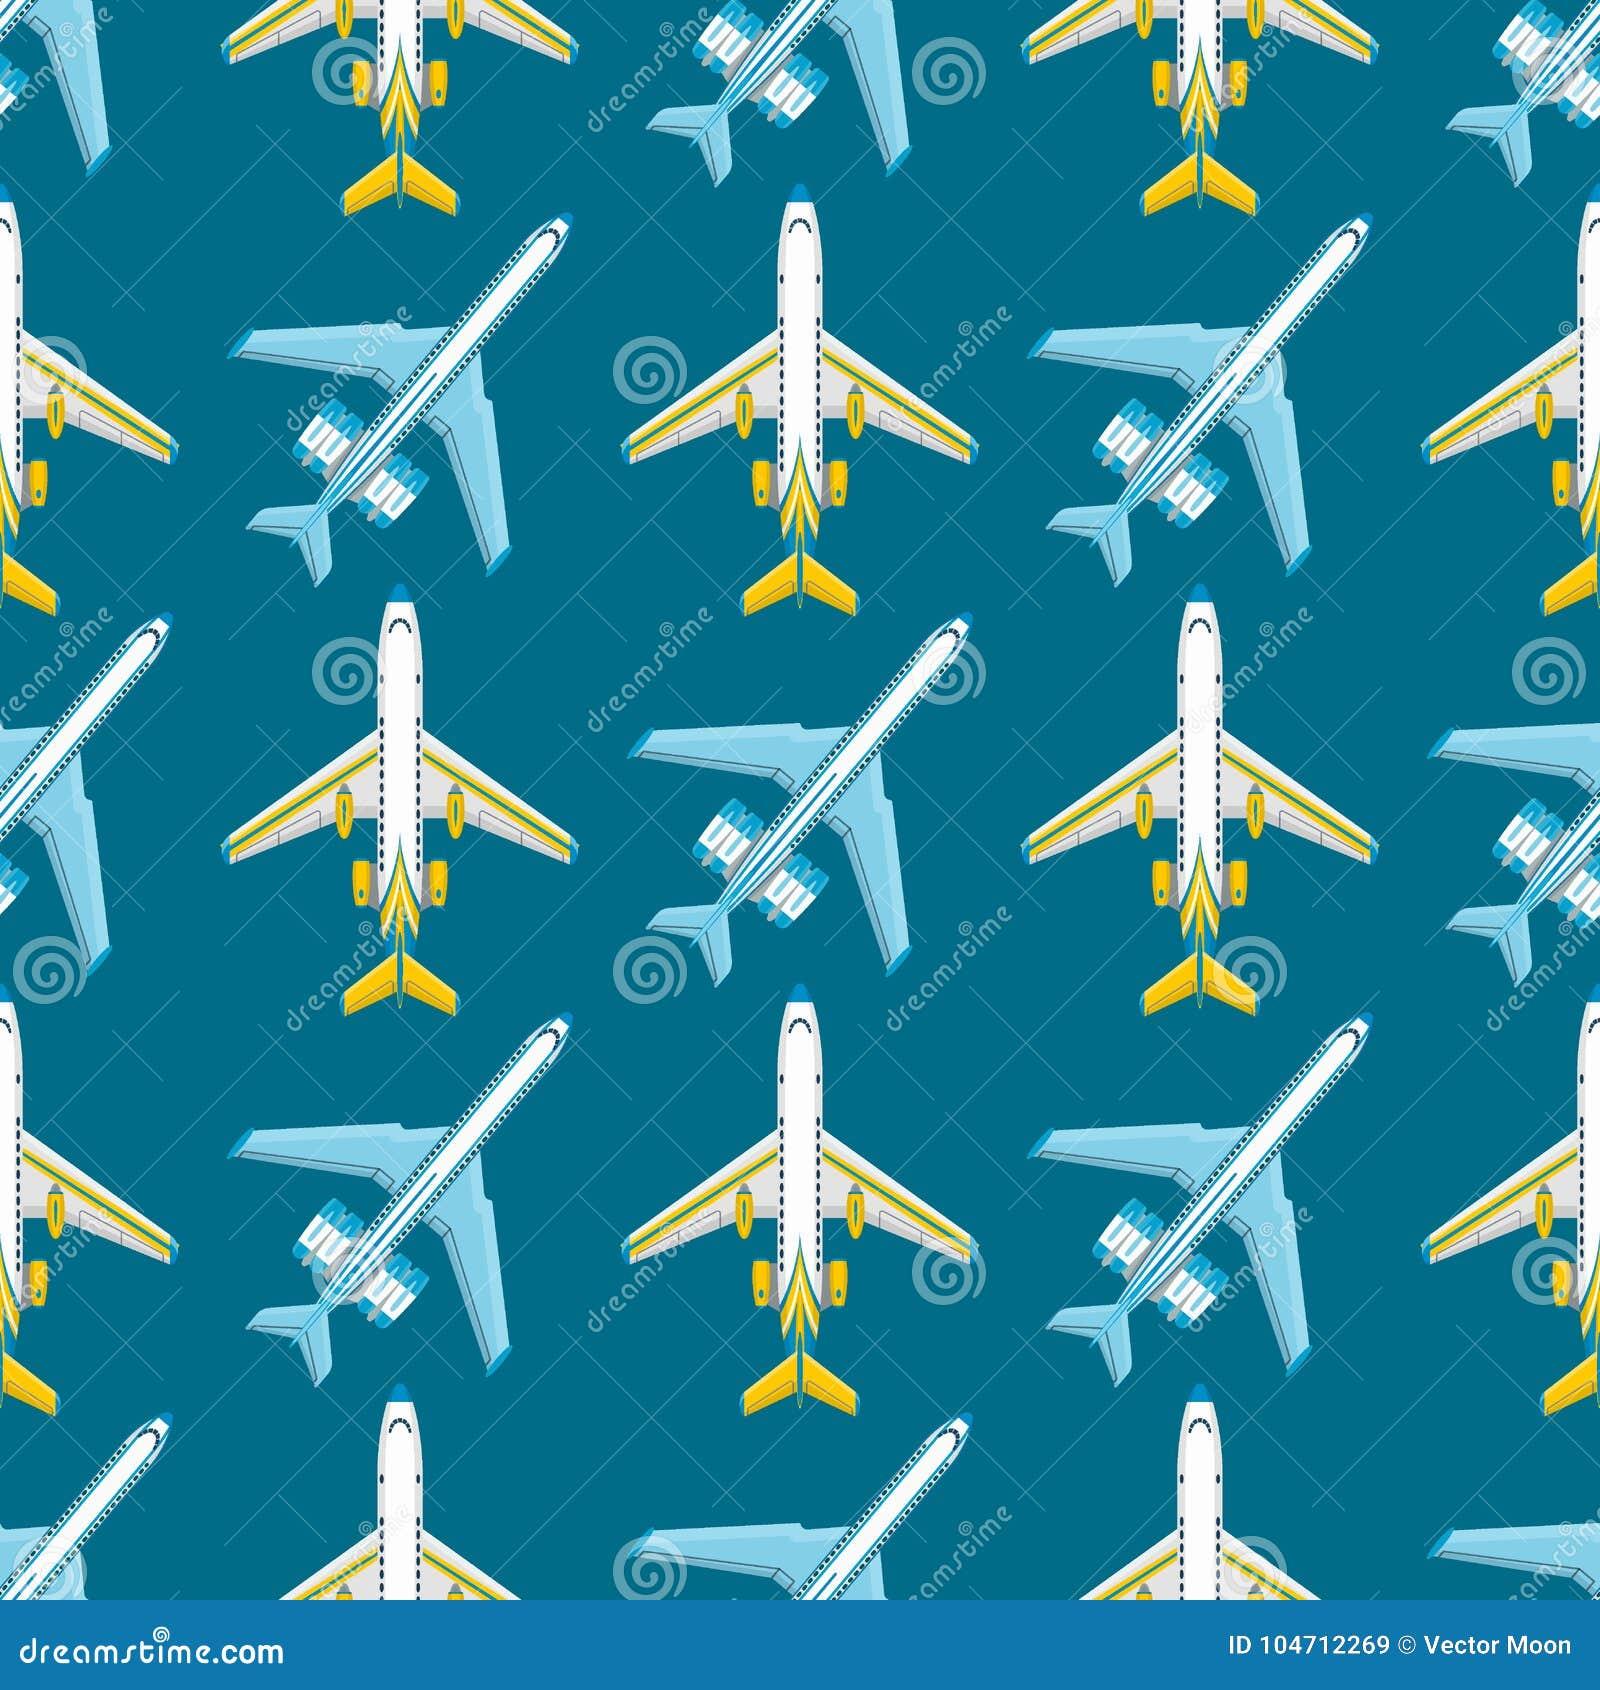 De vector het patroon van het van de achtergrond vliegtuigillustratie naadloze van de de reismanier vliegtuigenvervoer snelheid v